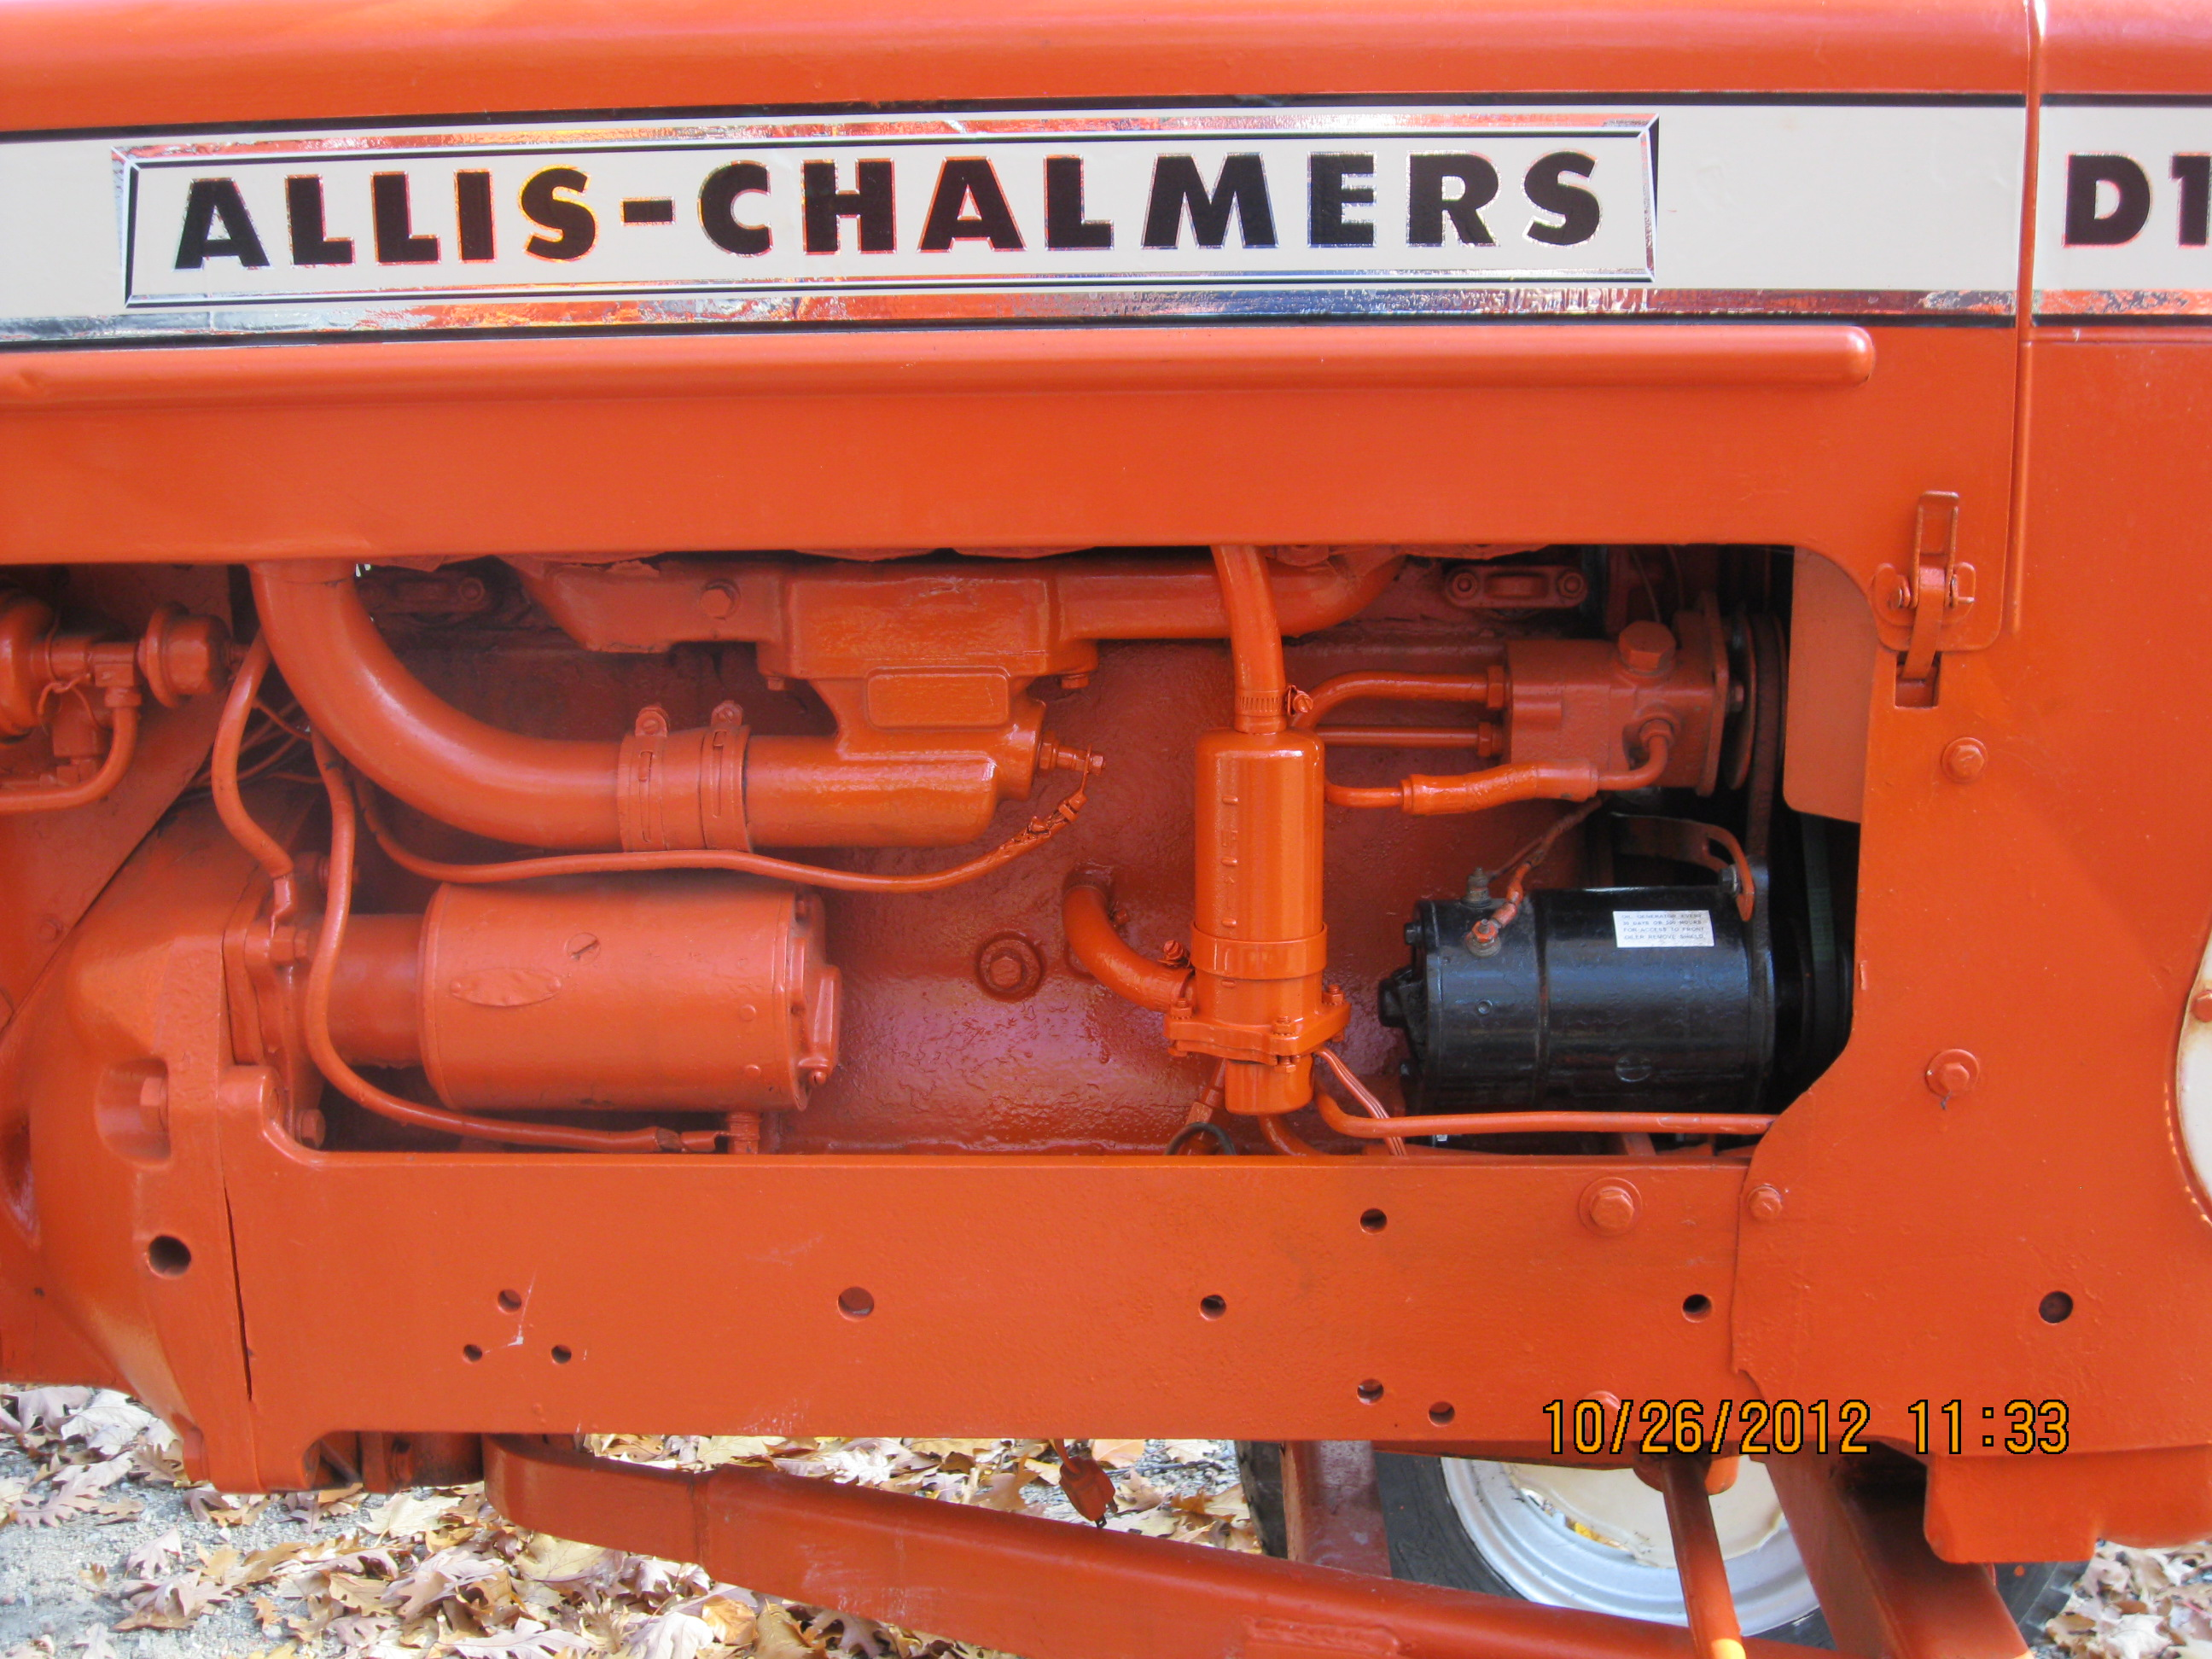 D17 Iv Diesel Block Heater - Allischalmers Forum